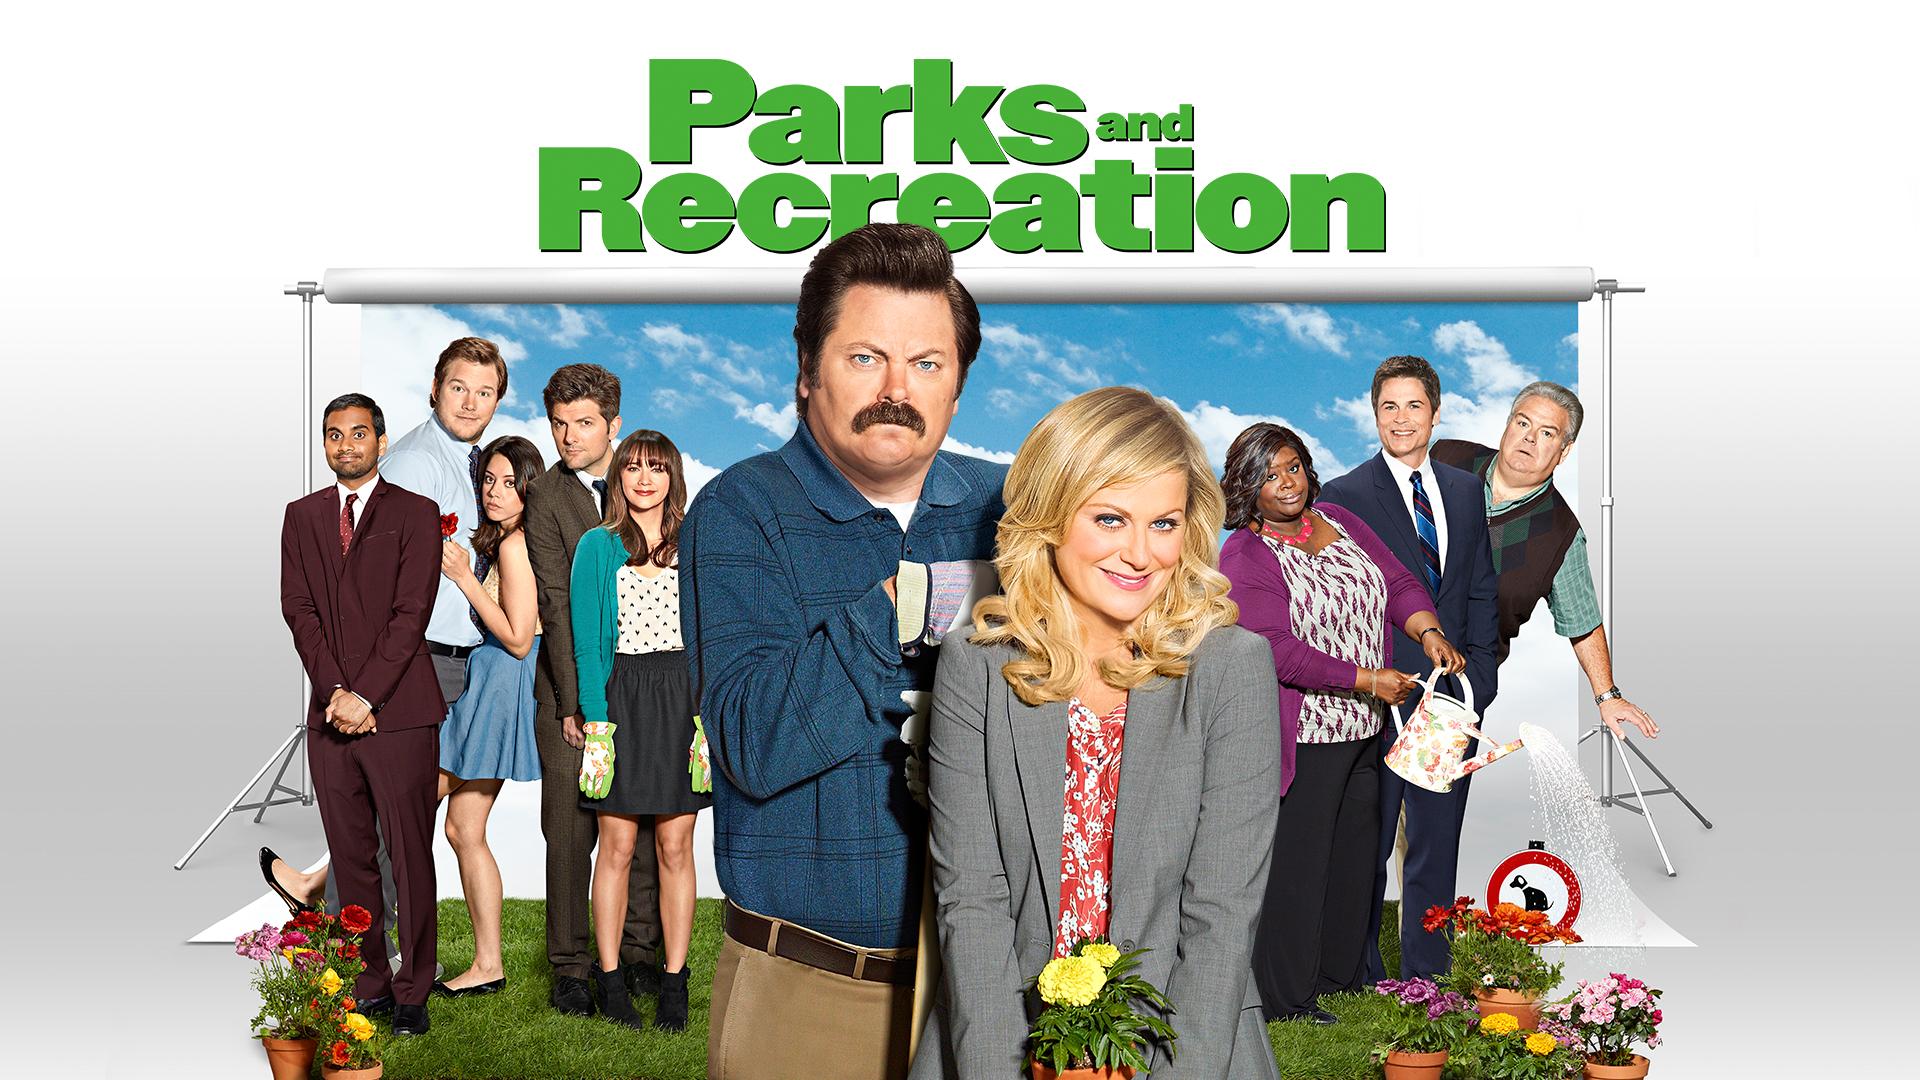 parks and recreation ile ilgili görsel sonucu